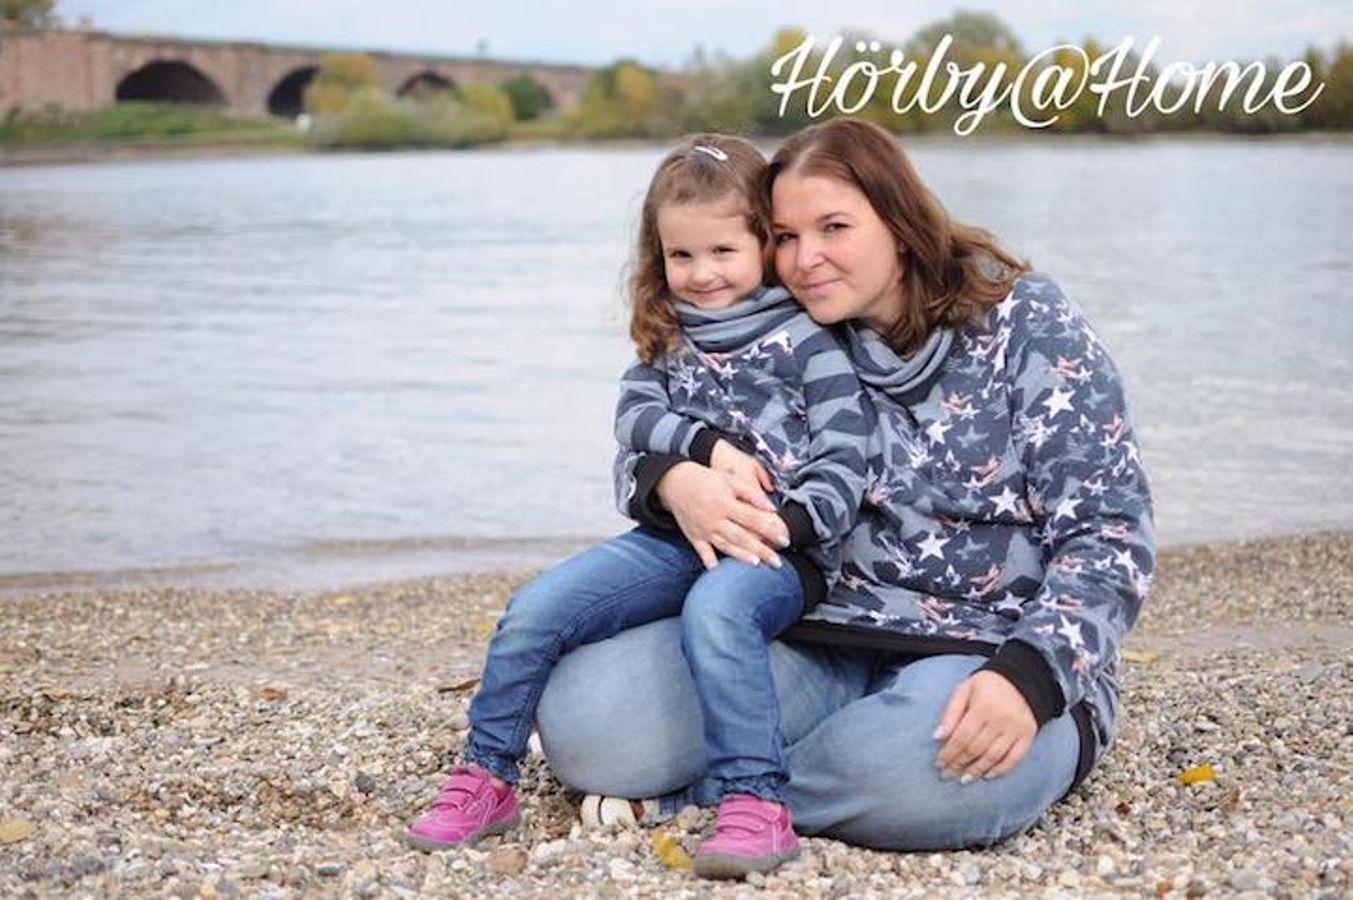 Produktfoto 1 von Nähcram für Schnittmuster Mama/Kind-Kombi: MissWohlgefühl und ÜberHaupt